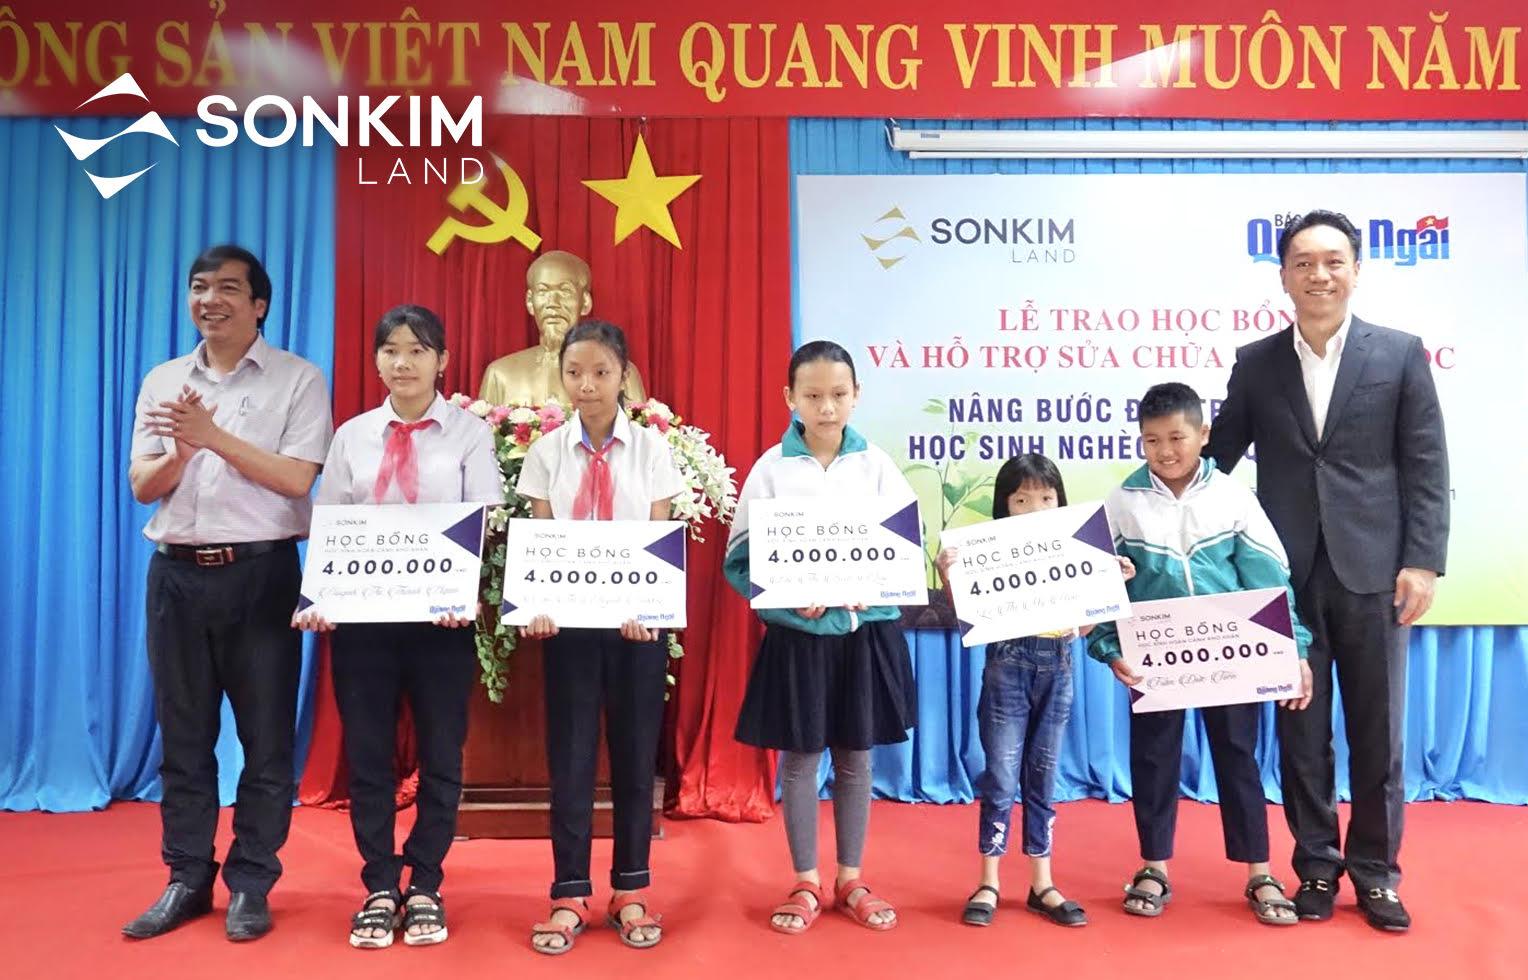 SonKim Land tiếp tục nỗ lực nâng bước đến trường cho học sinh nghèo tỉnh Quảng Ngãi 4